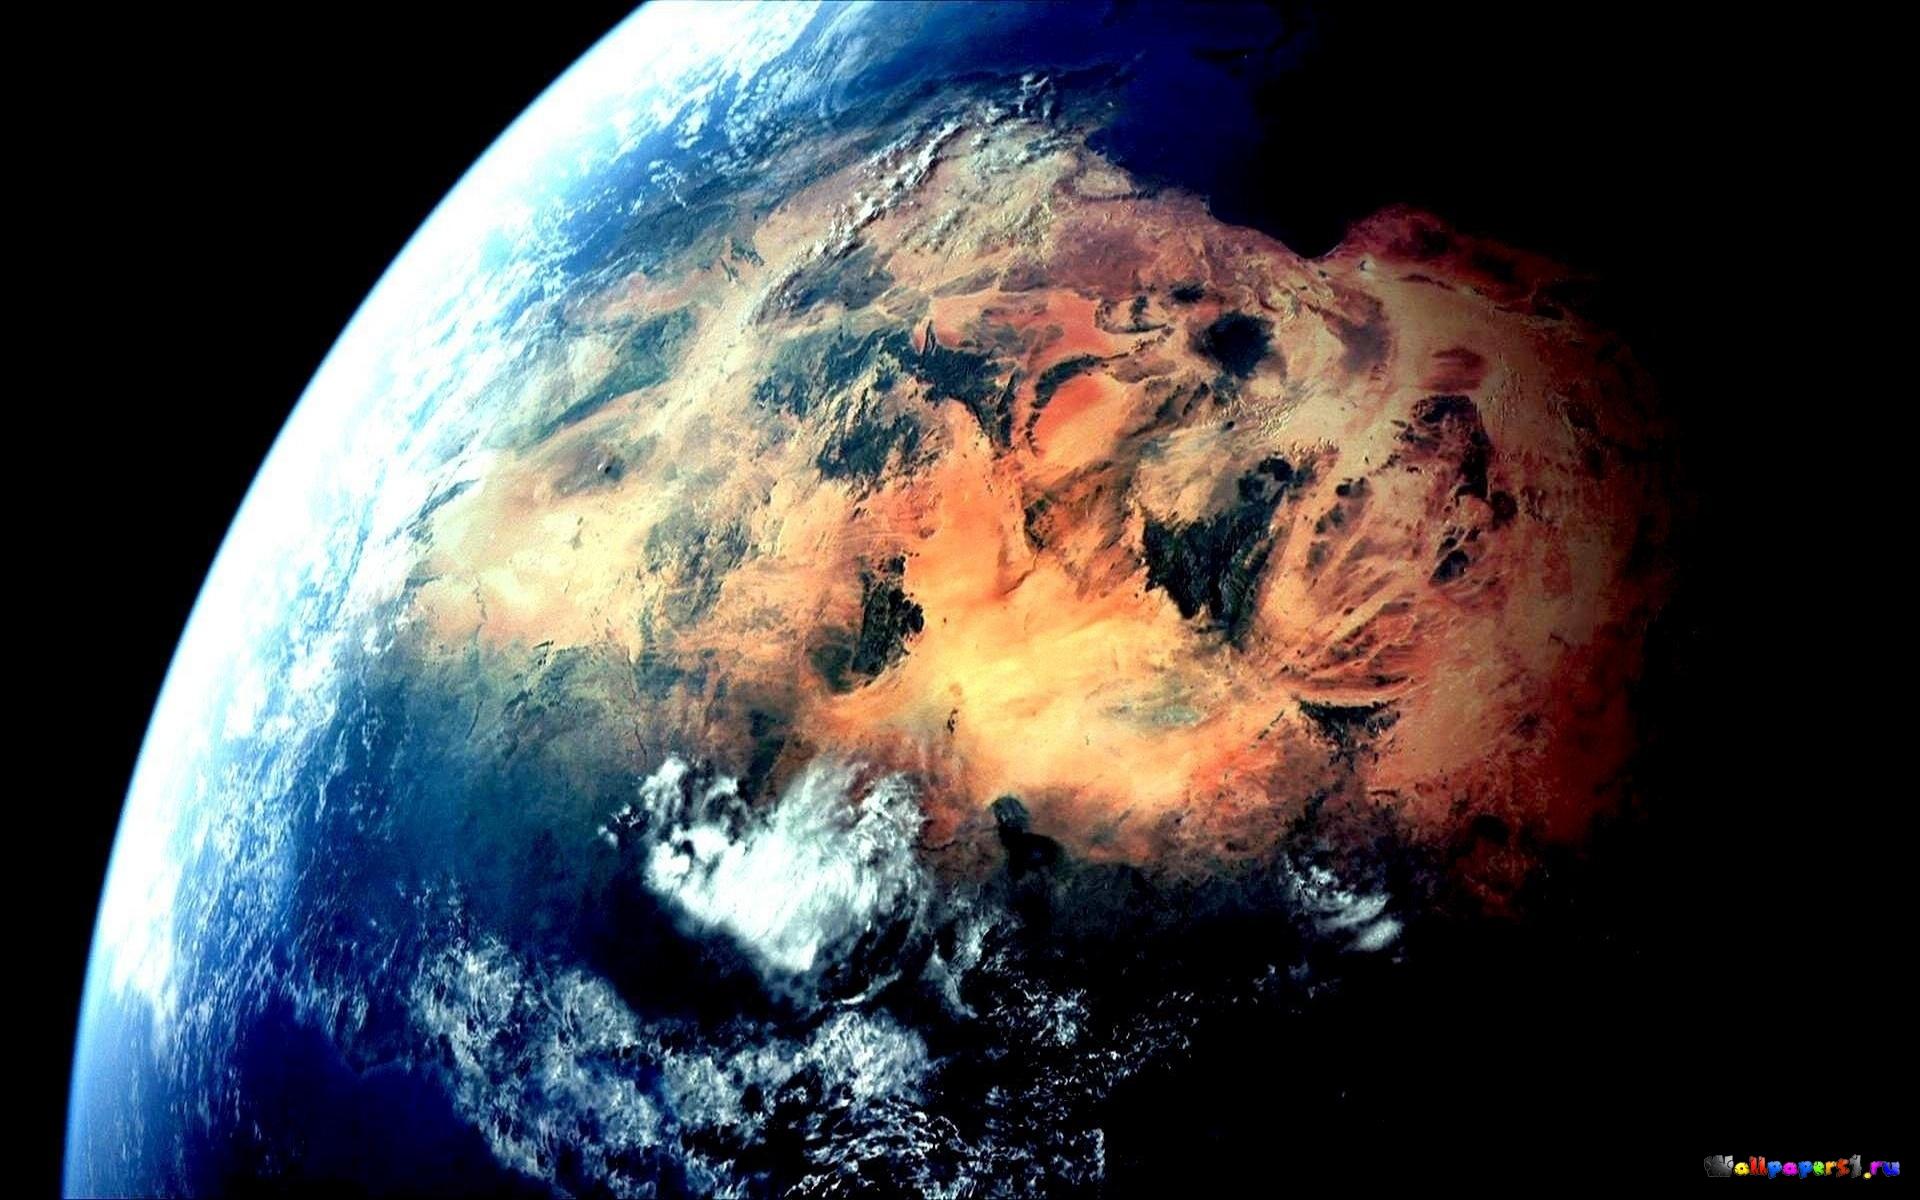 Обои Земля планета космос картинки на рабочий стол на тему Космос - скачать  № 3551634 без смс